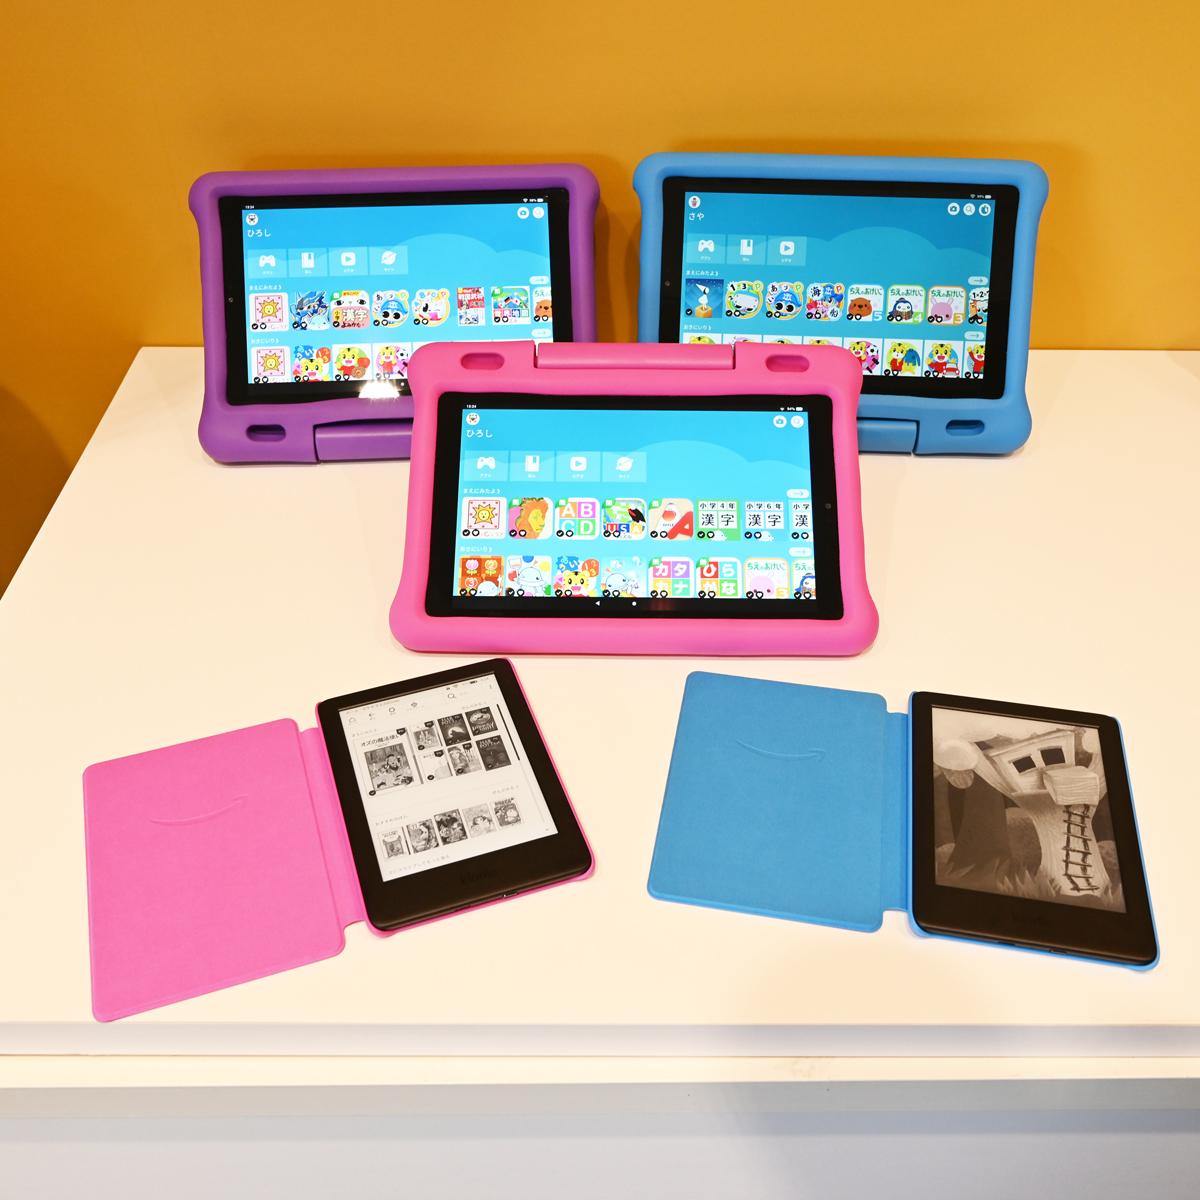 Amazonから最新世代の「Fire HD 10タブレット」や1000冊以上読み放題できる「Kindleキッズモデル」登場